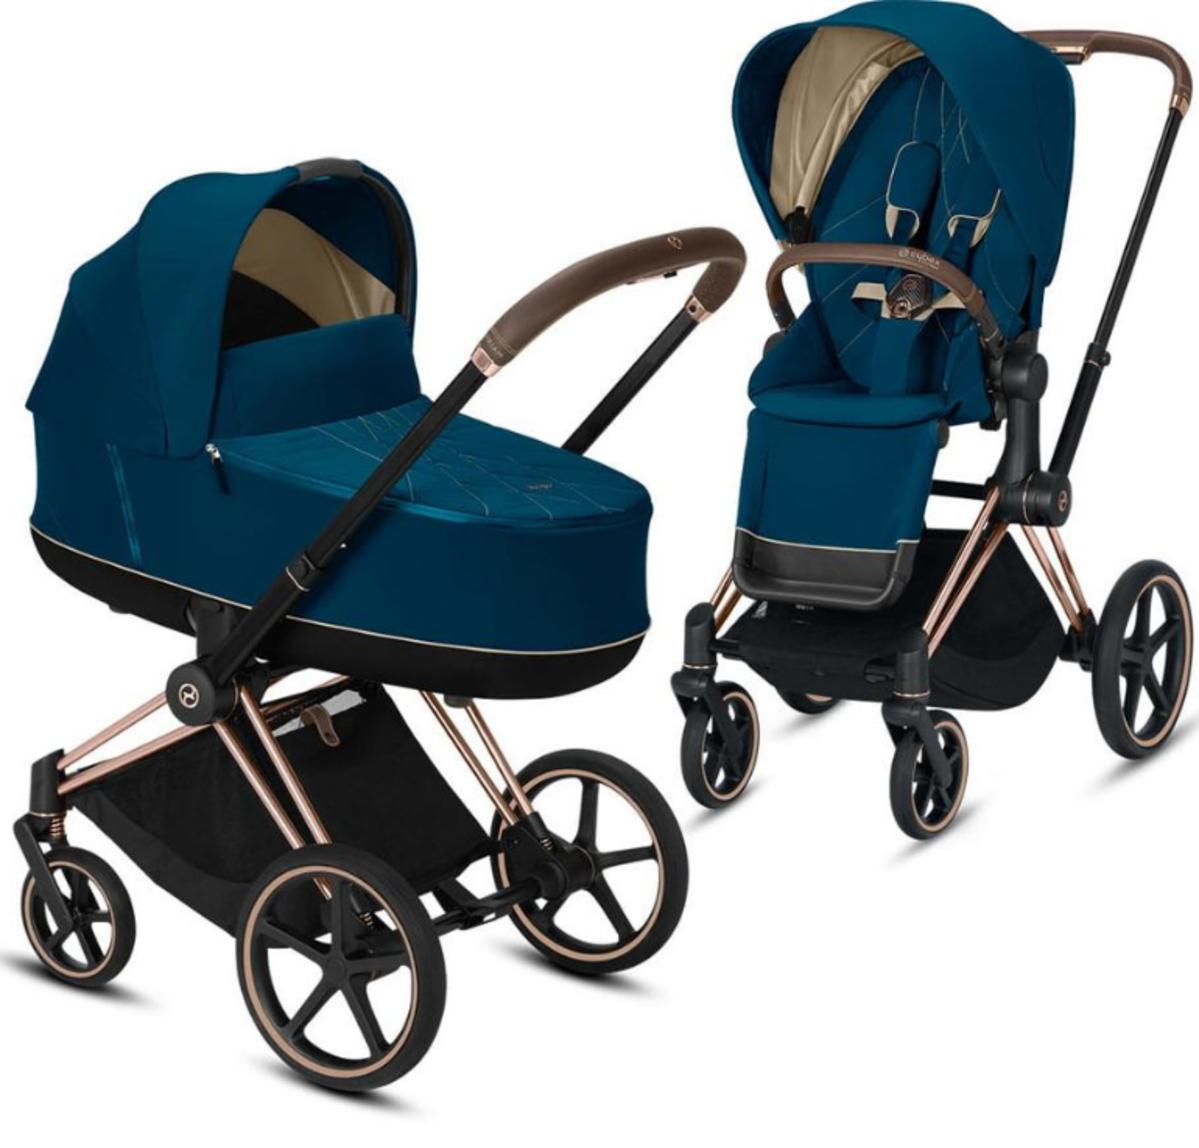 Wózek dziecięcy Cybex Priam